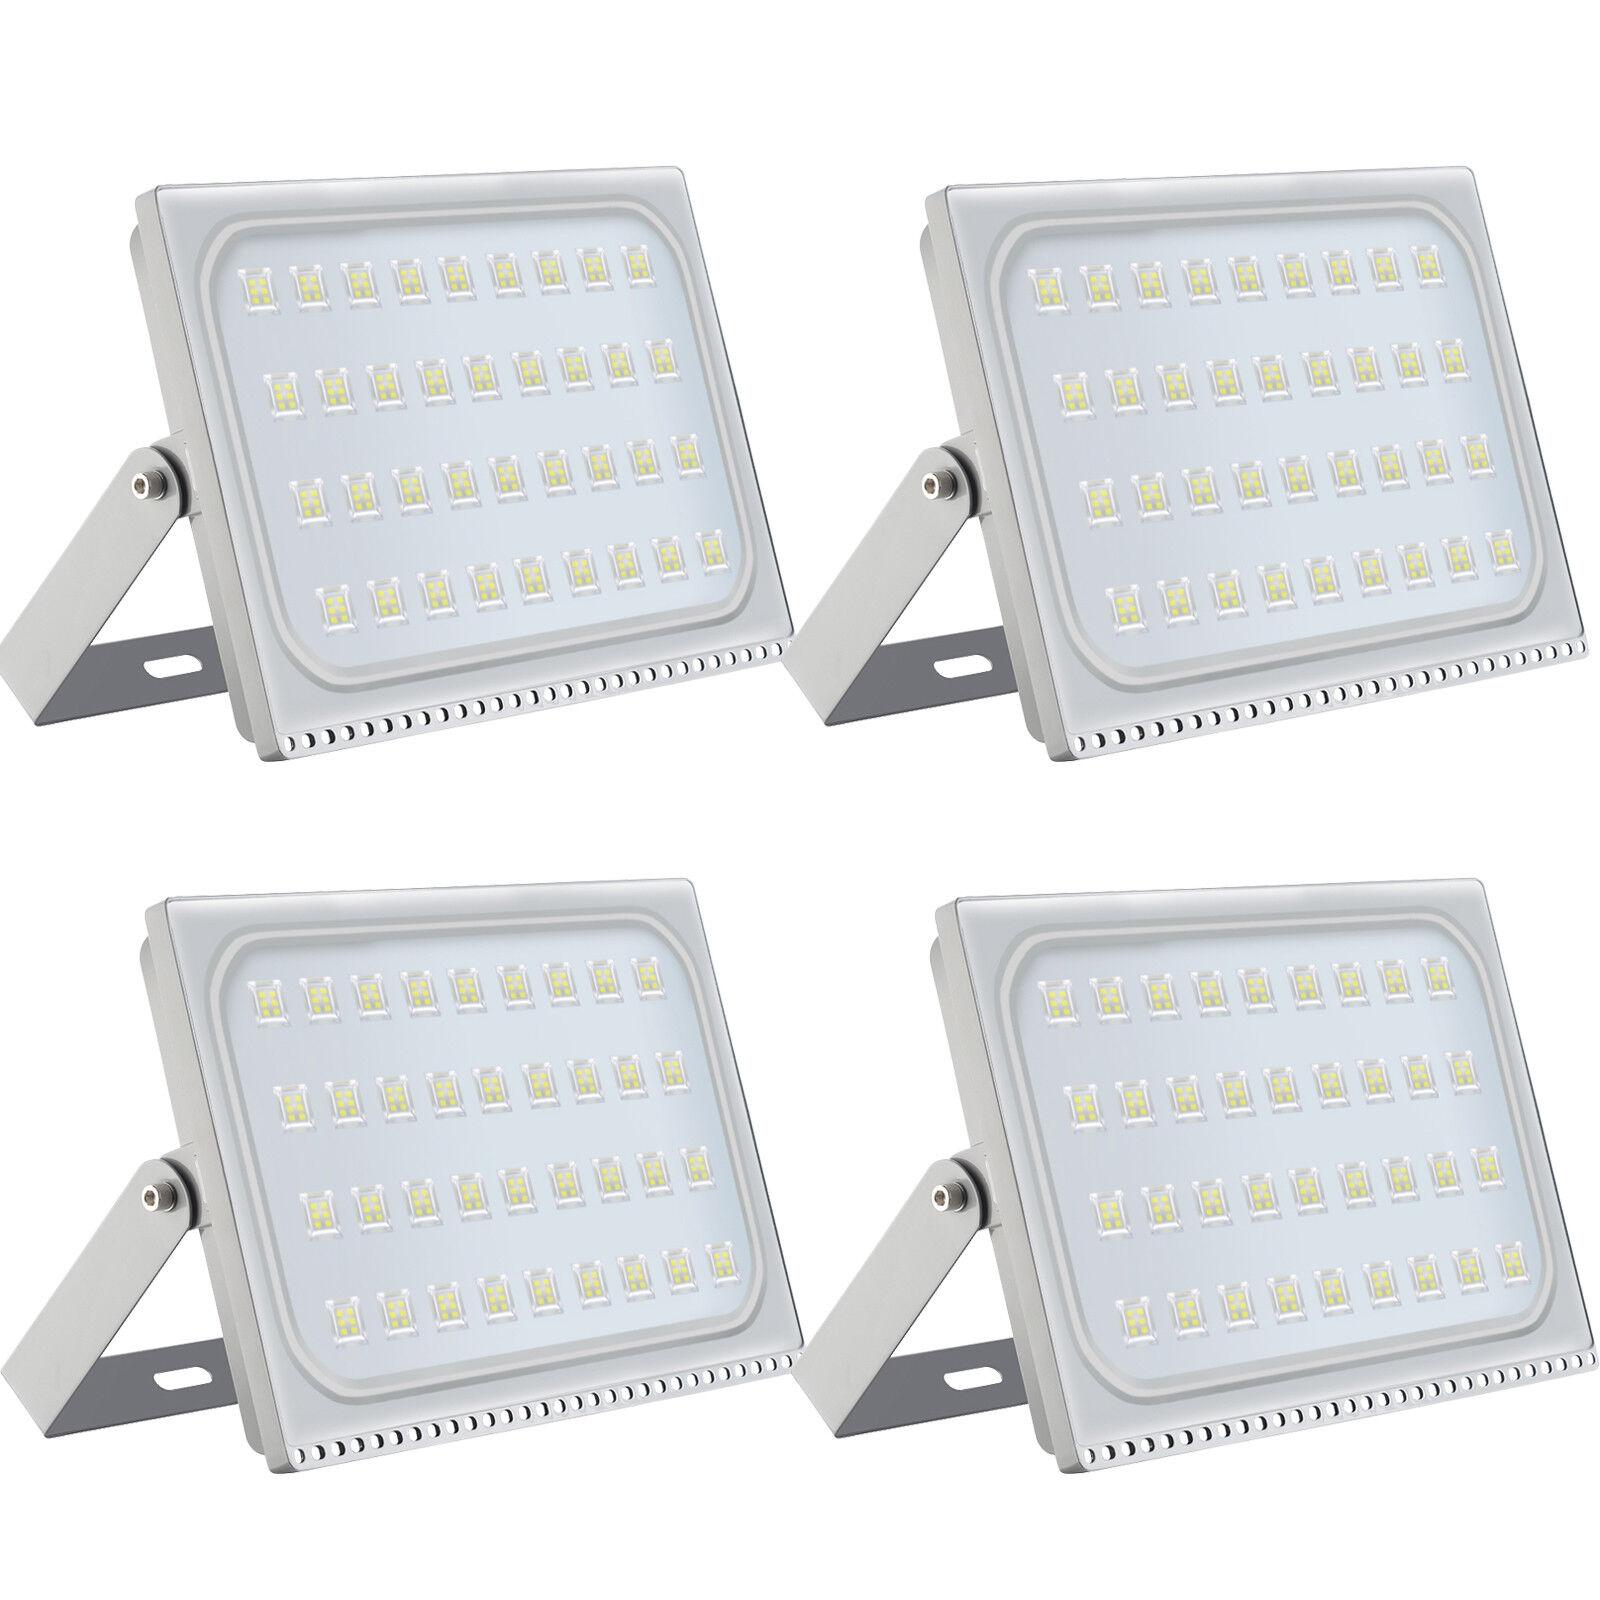 4x 200w extra fina LED eh reflector colocado exterior emisor de blancoo fria